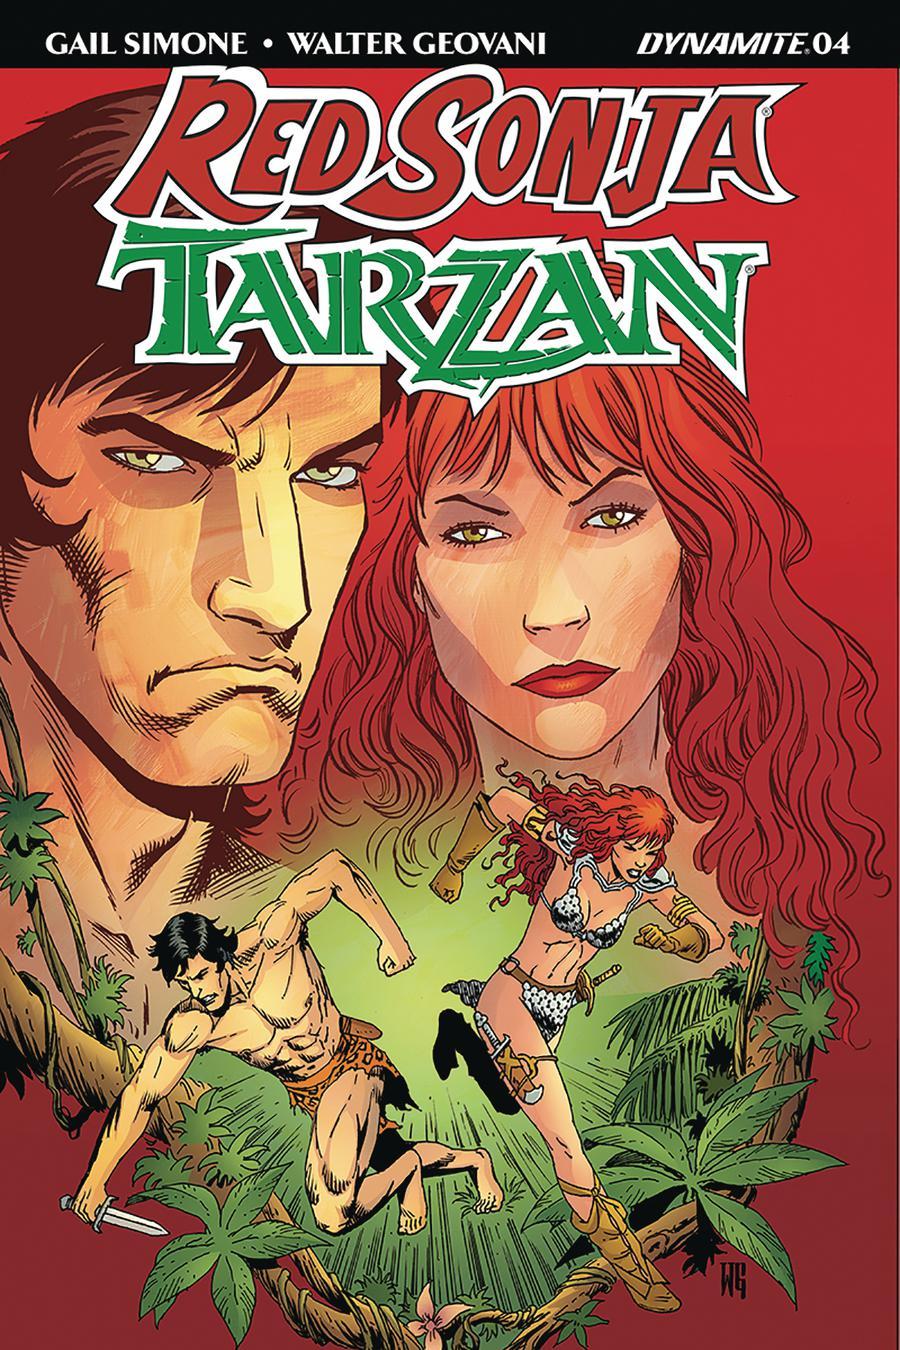 Red Sonja Tarzan #4 Cover B Variant Walter Geovani Cover